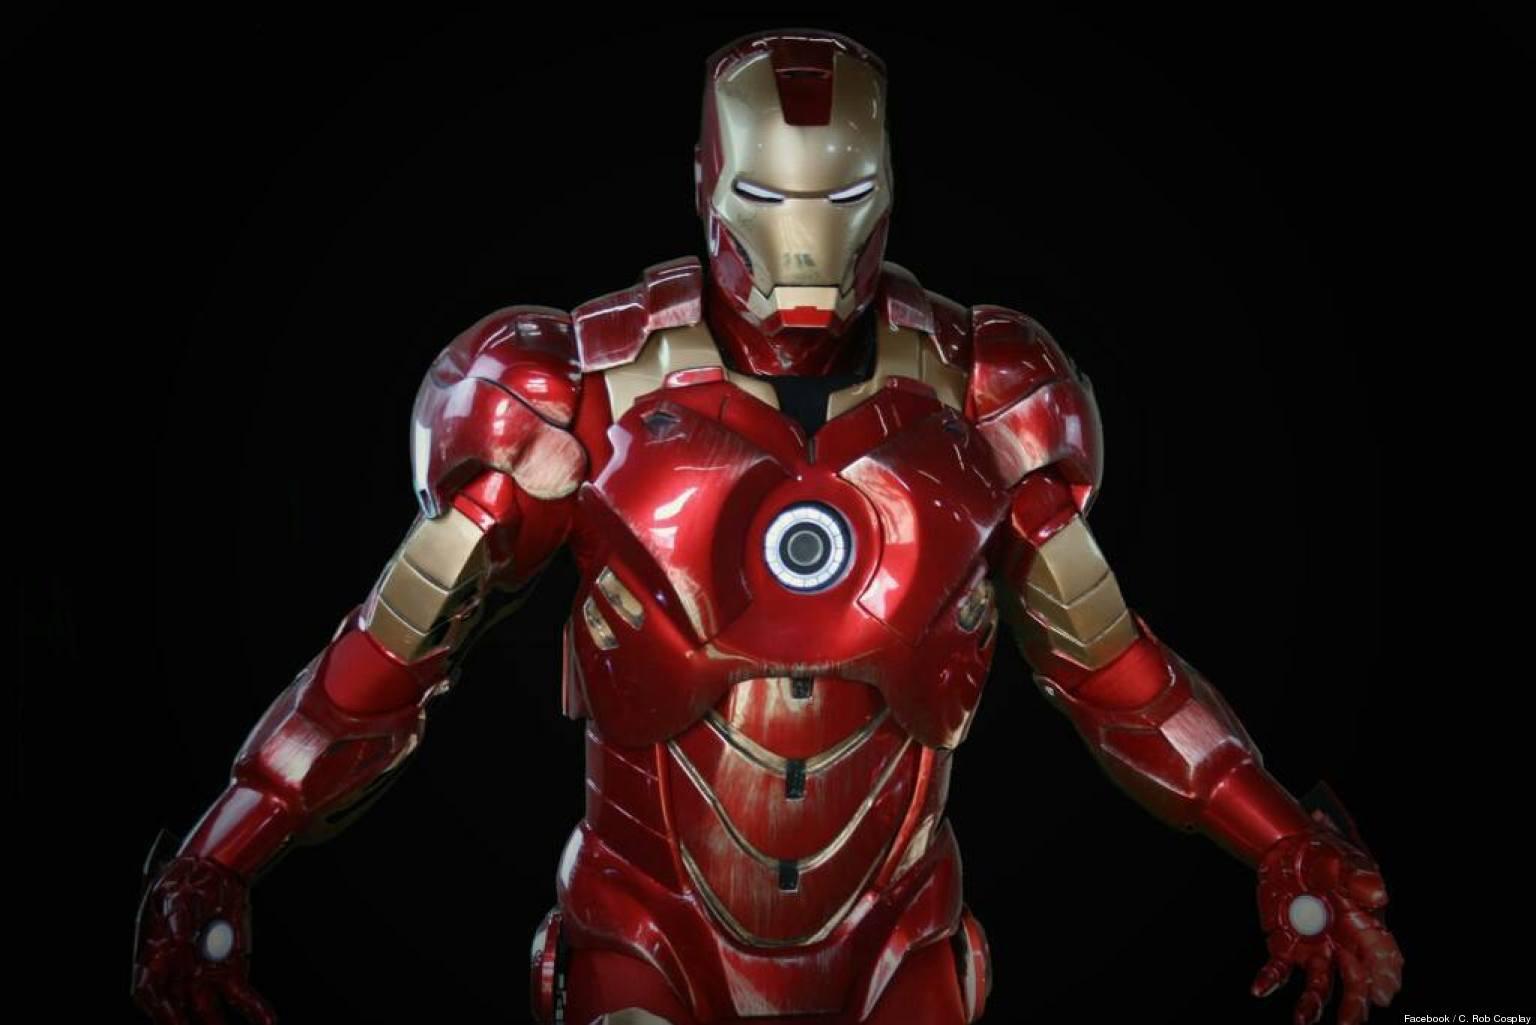 ผลการค้นหารูปภาพสำหรับ iron man suit